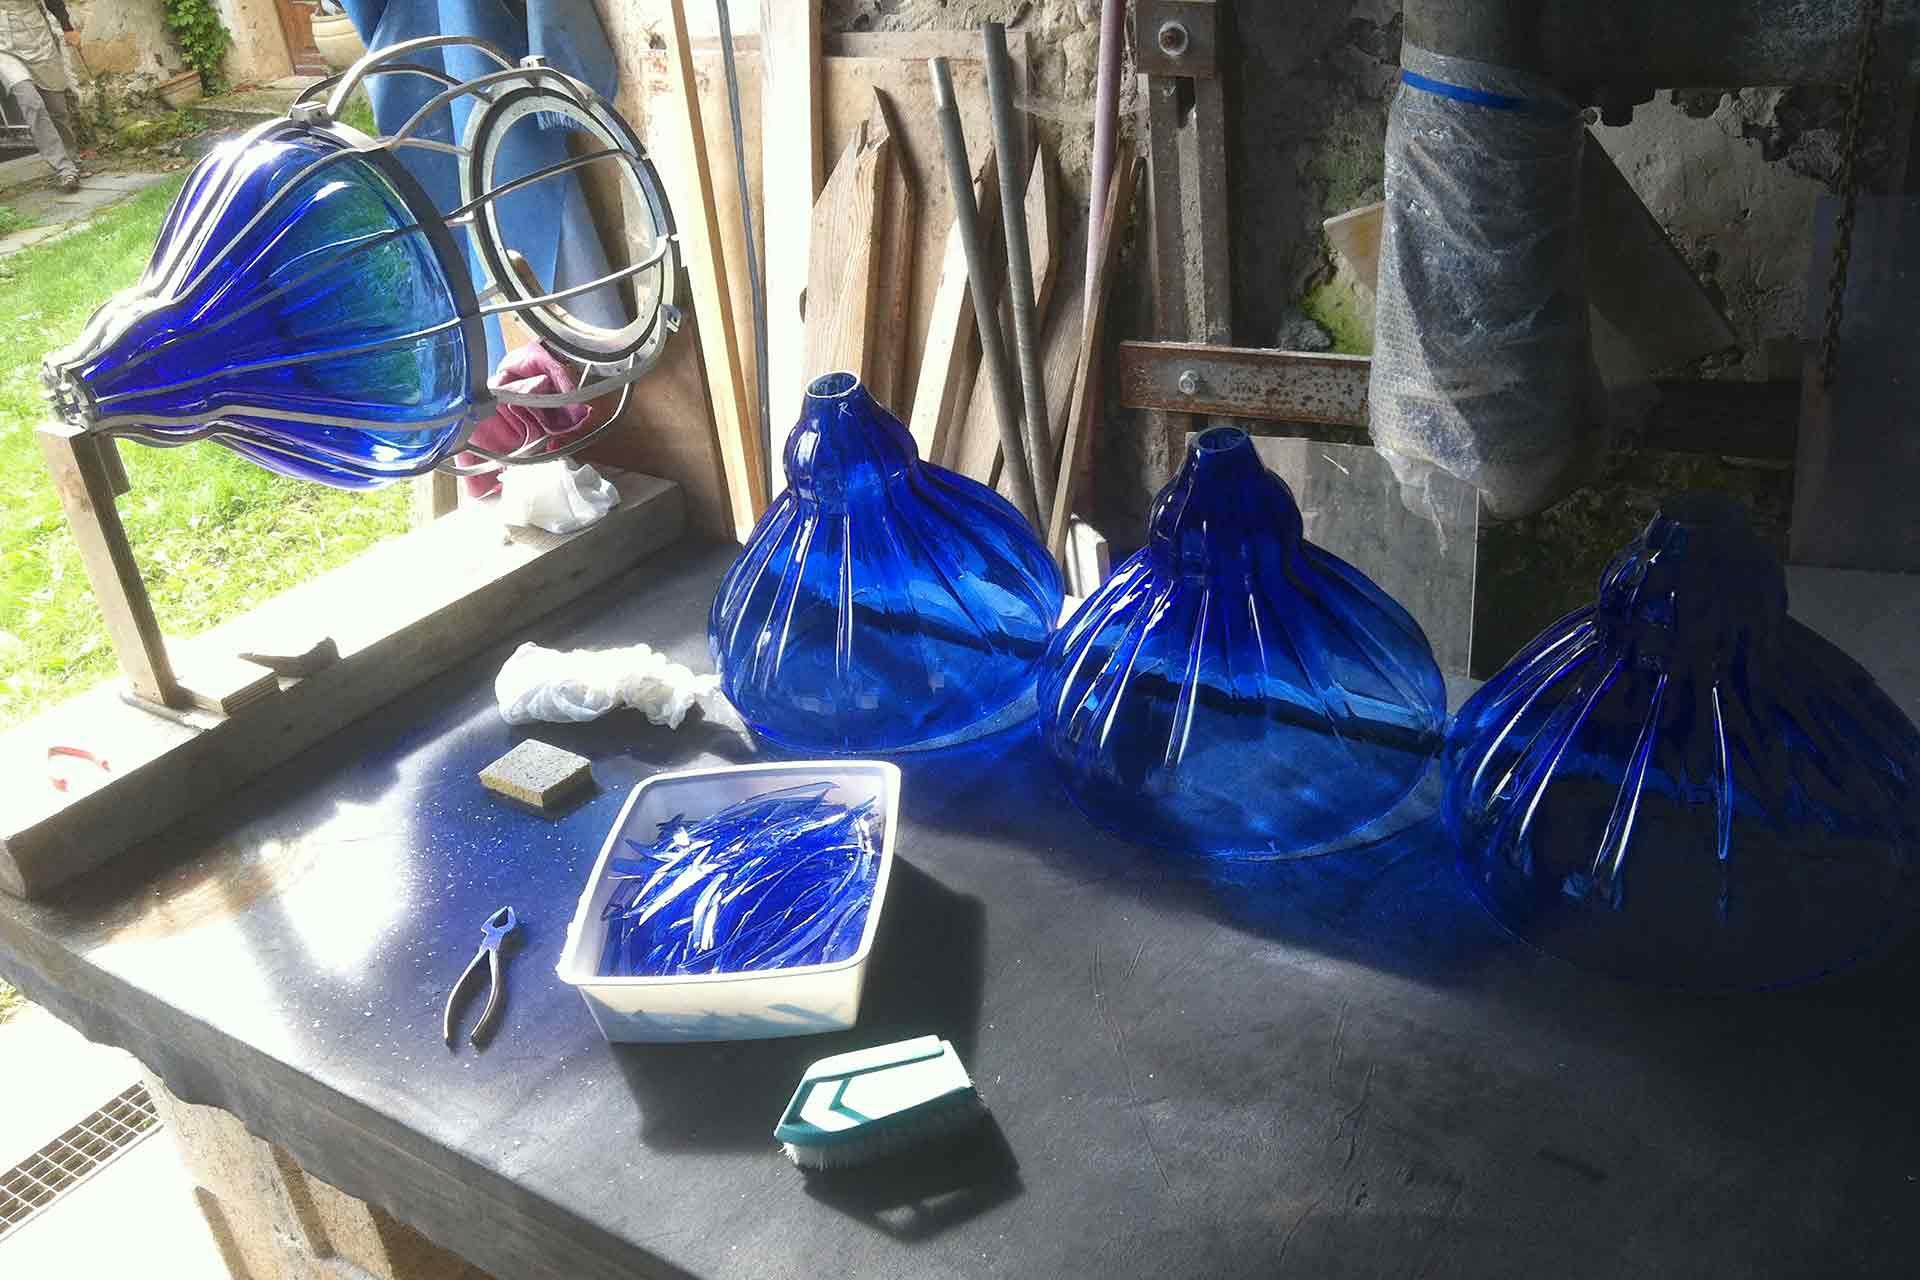 Lanternes en verre bleu nuit de Valenciennes réalisation par Olivier Juteau Maître Verrier